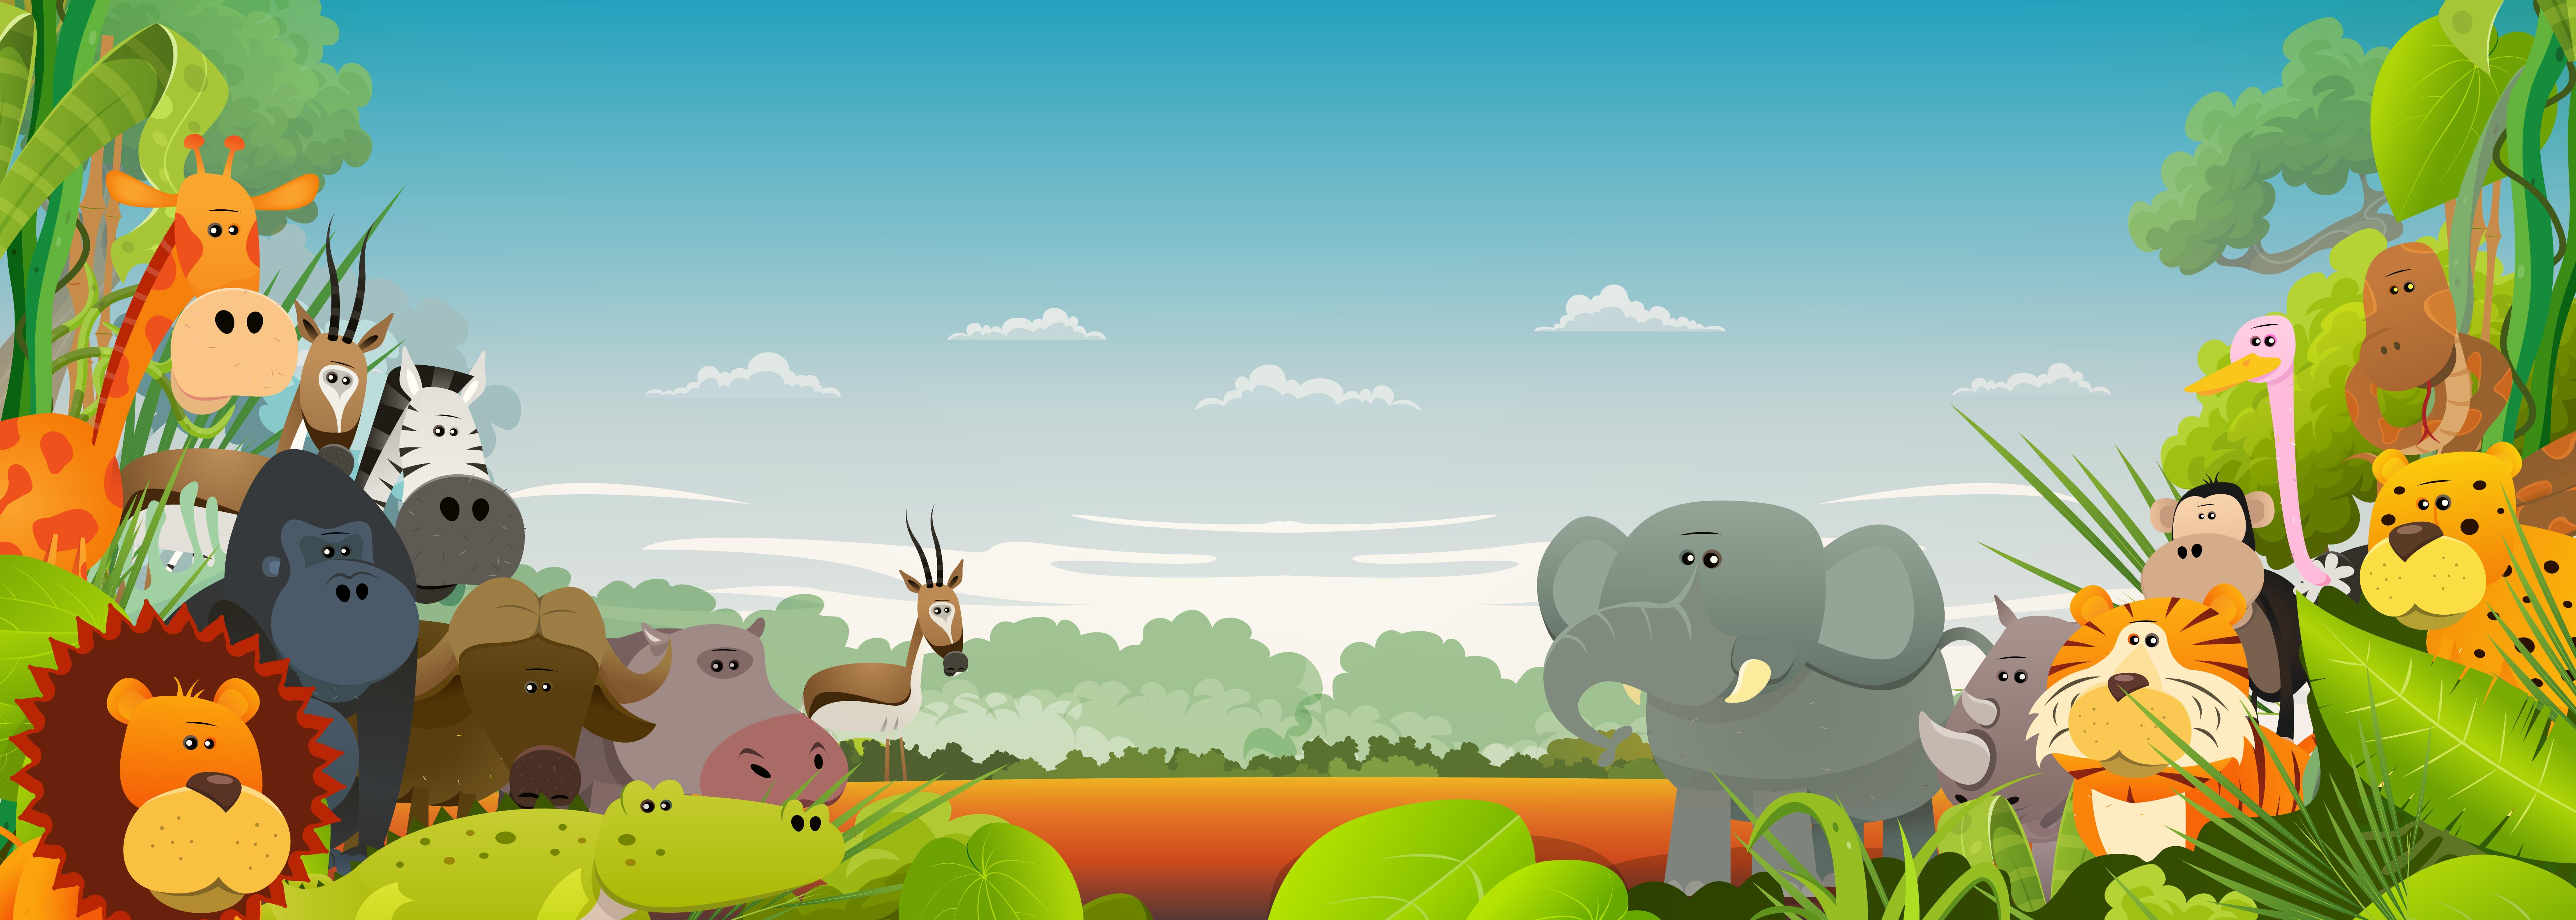 Wildlife African Animals Background - Download Free ...